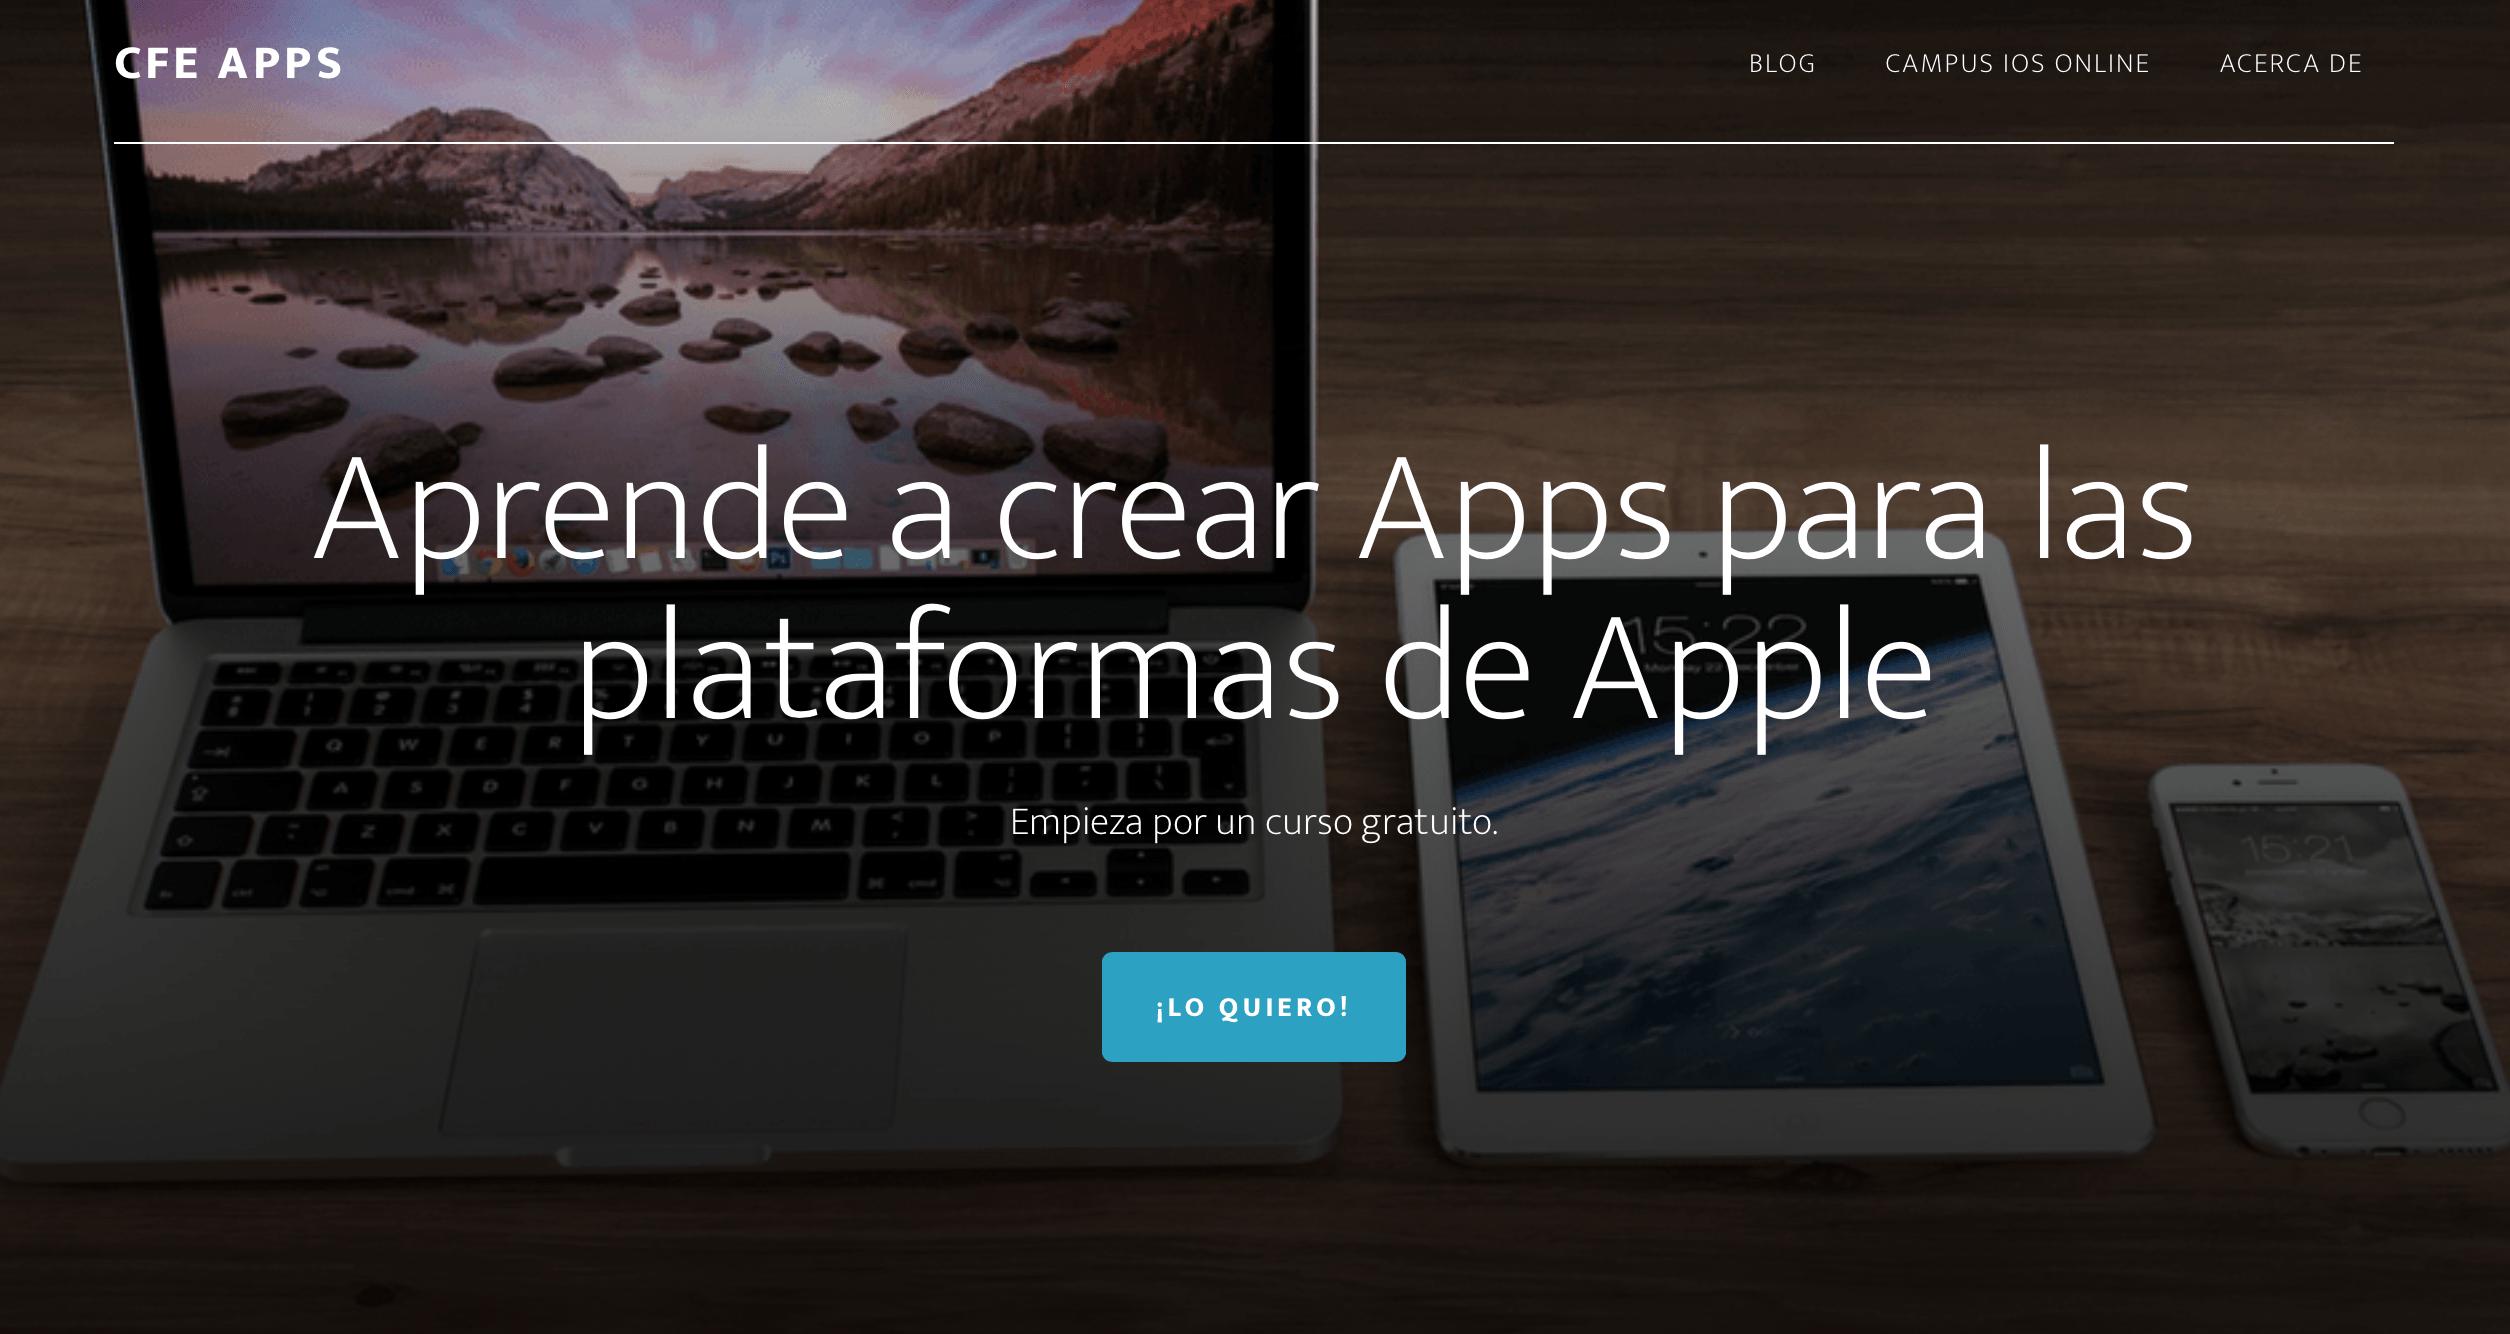 nuevo-diseno-en-cfe-apps